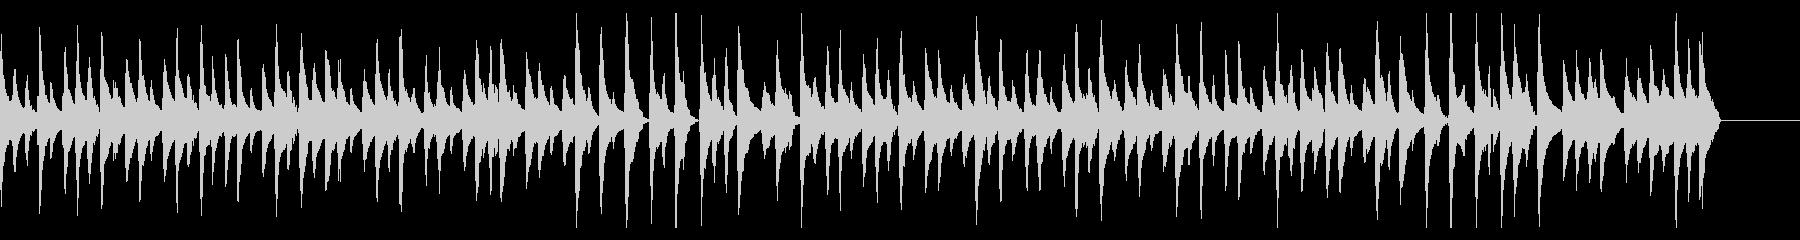 ウクレレと木琴のゆったりした曲の未再生の波形